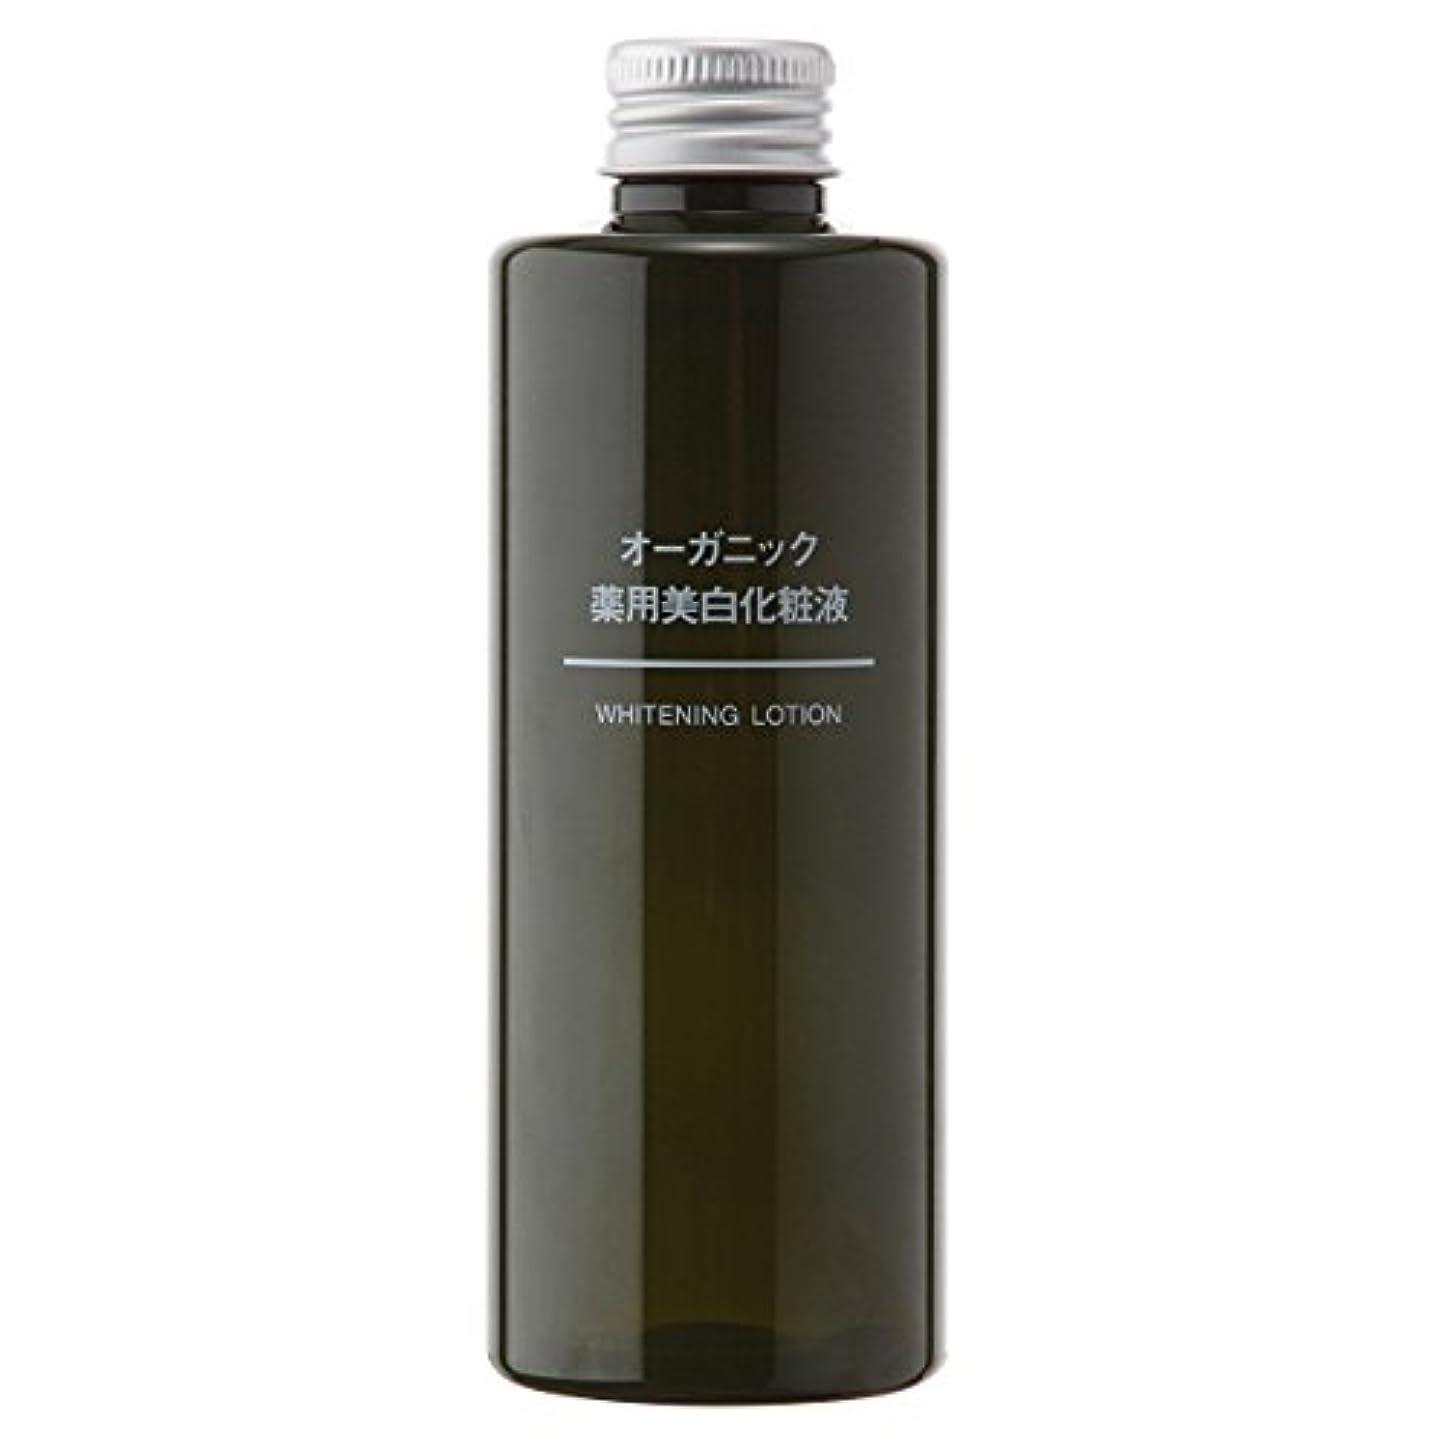 姉妹海上最大無印良品 オーガニック薬用美白化粧液 200ml